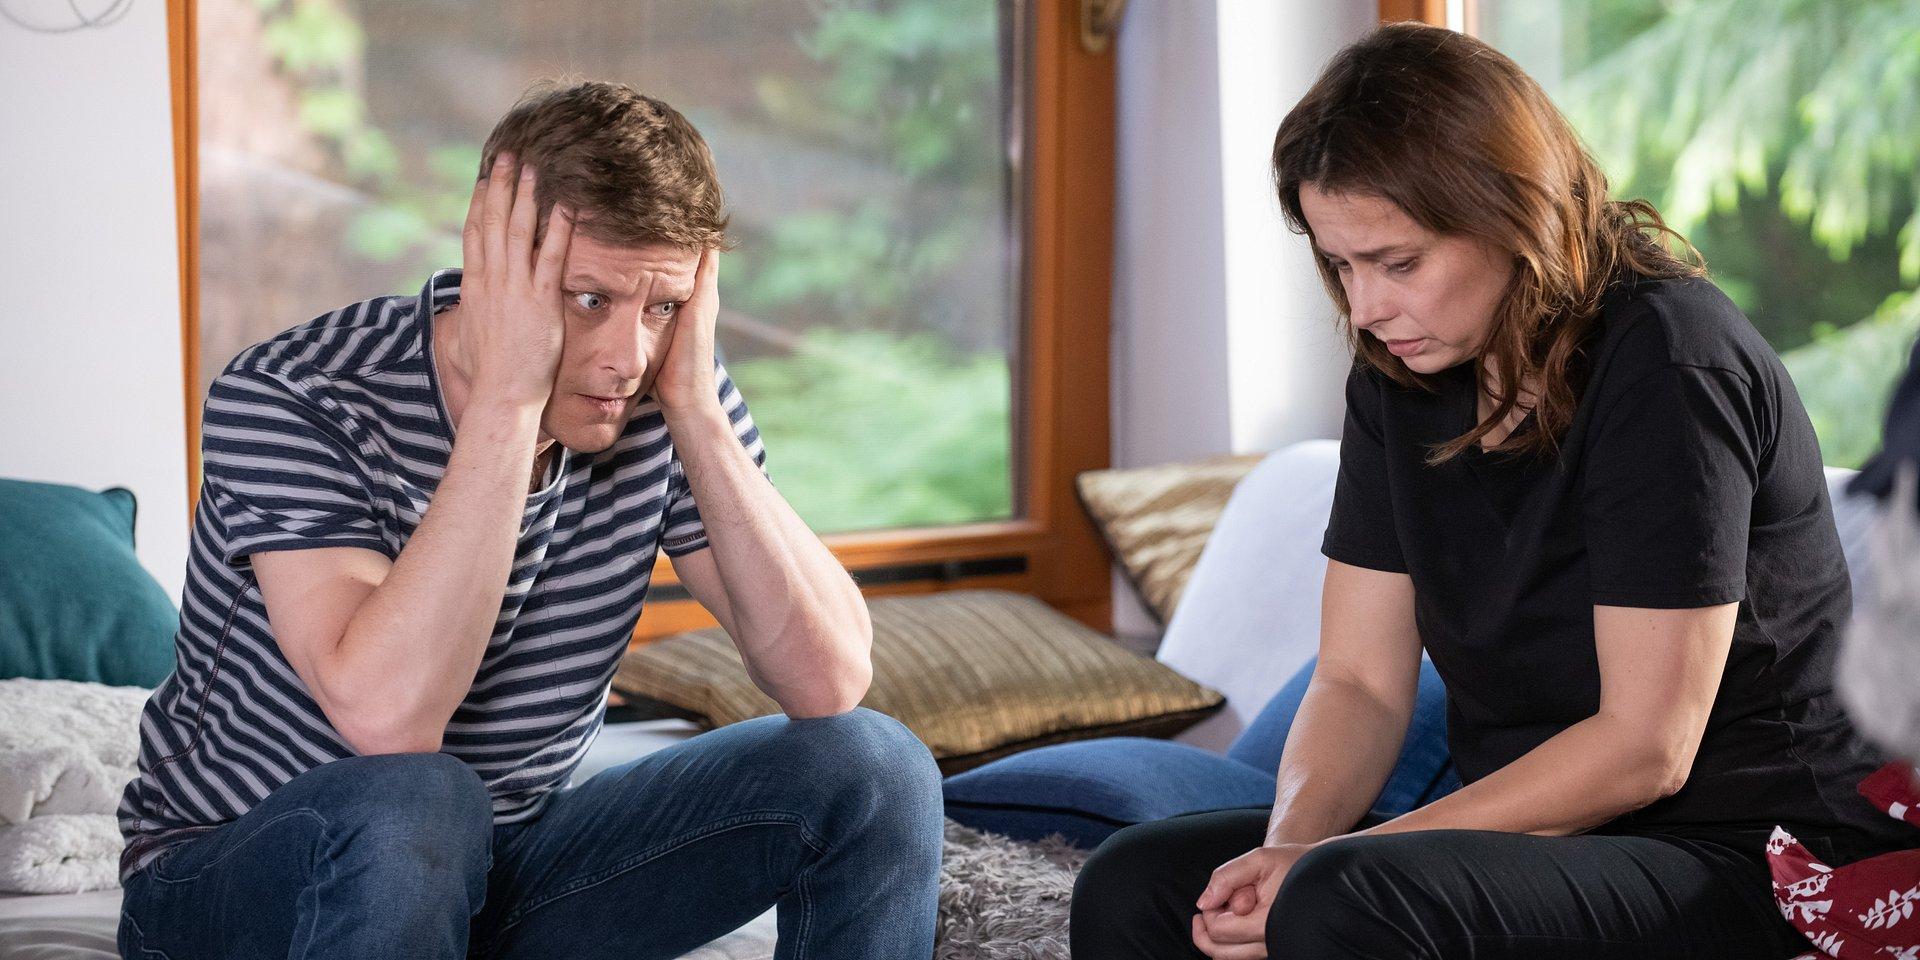 Na Wspólnej: Kamila odzyskuje przytomność – czy słyszała przyznanie się do winy Weroniki?!